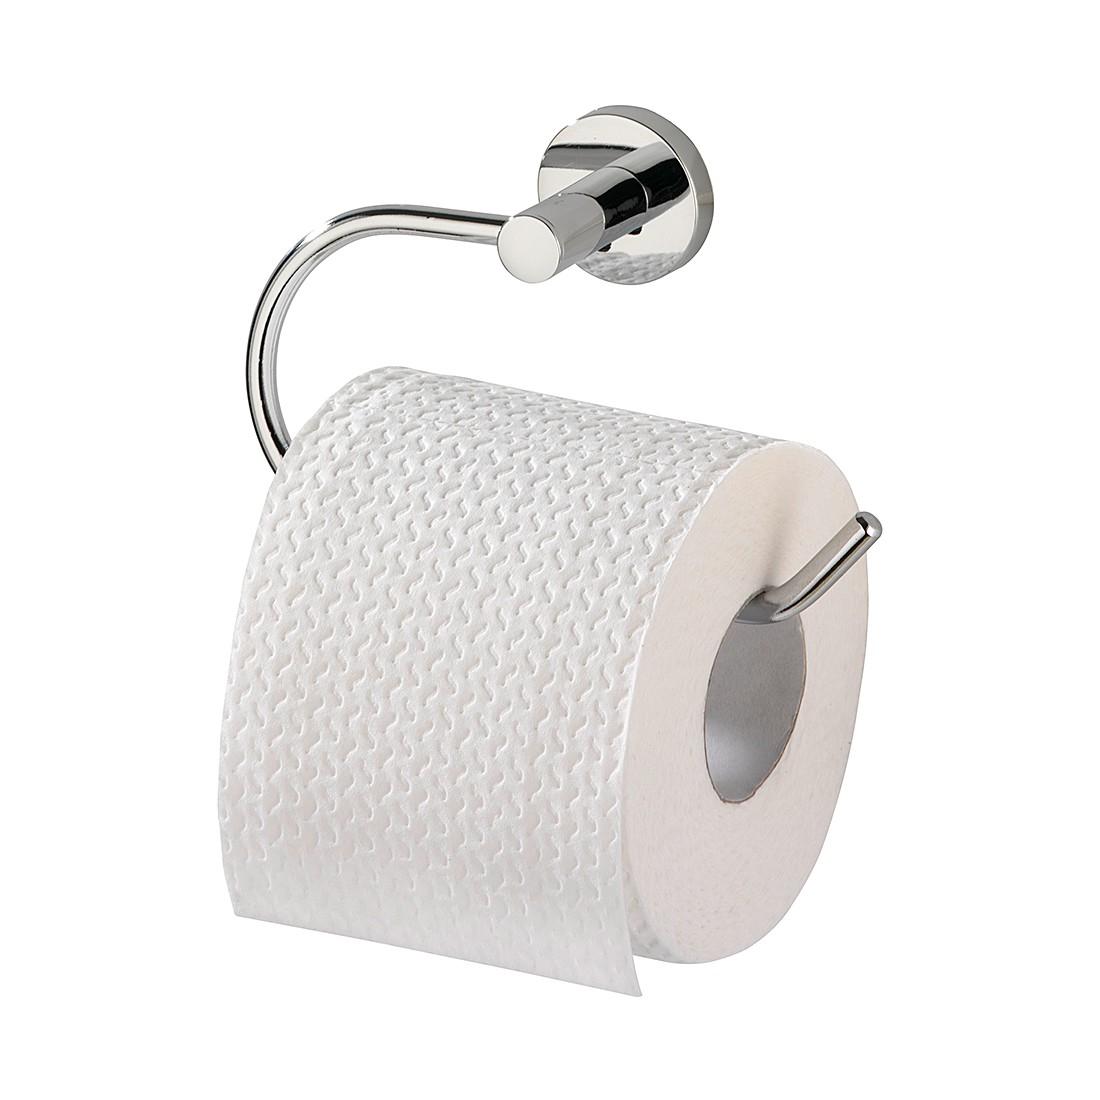 WC-Rollenhalter Elegance – Power-Loc, WENKO günstig kaufen